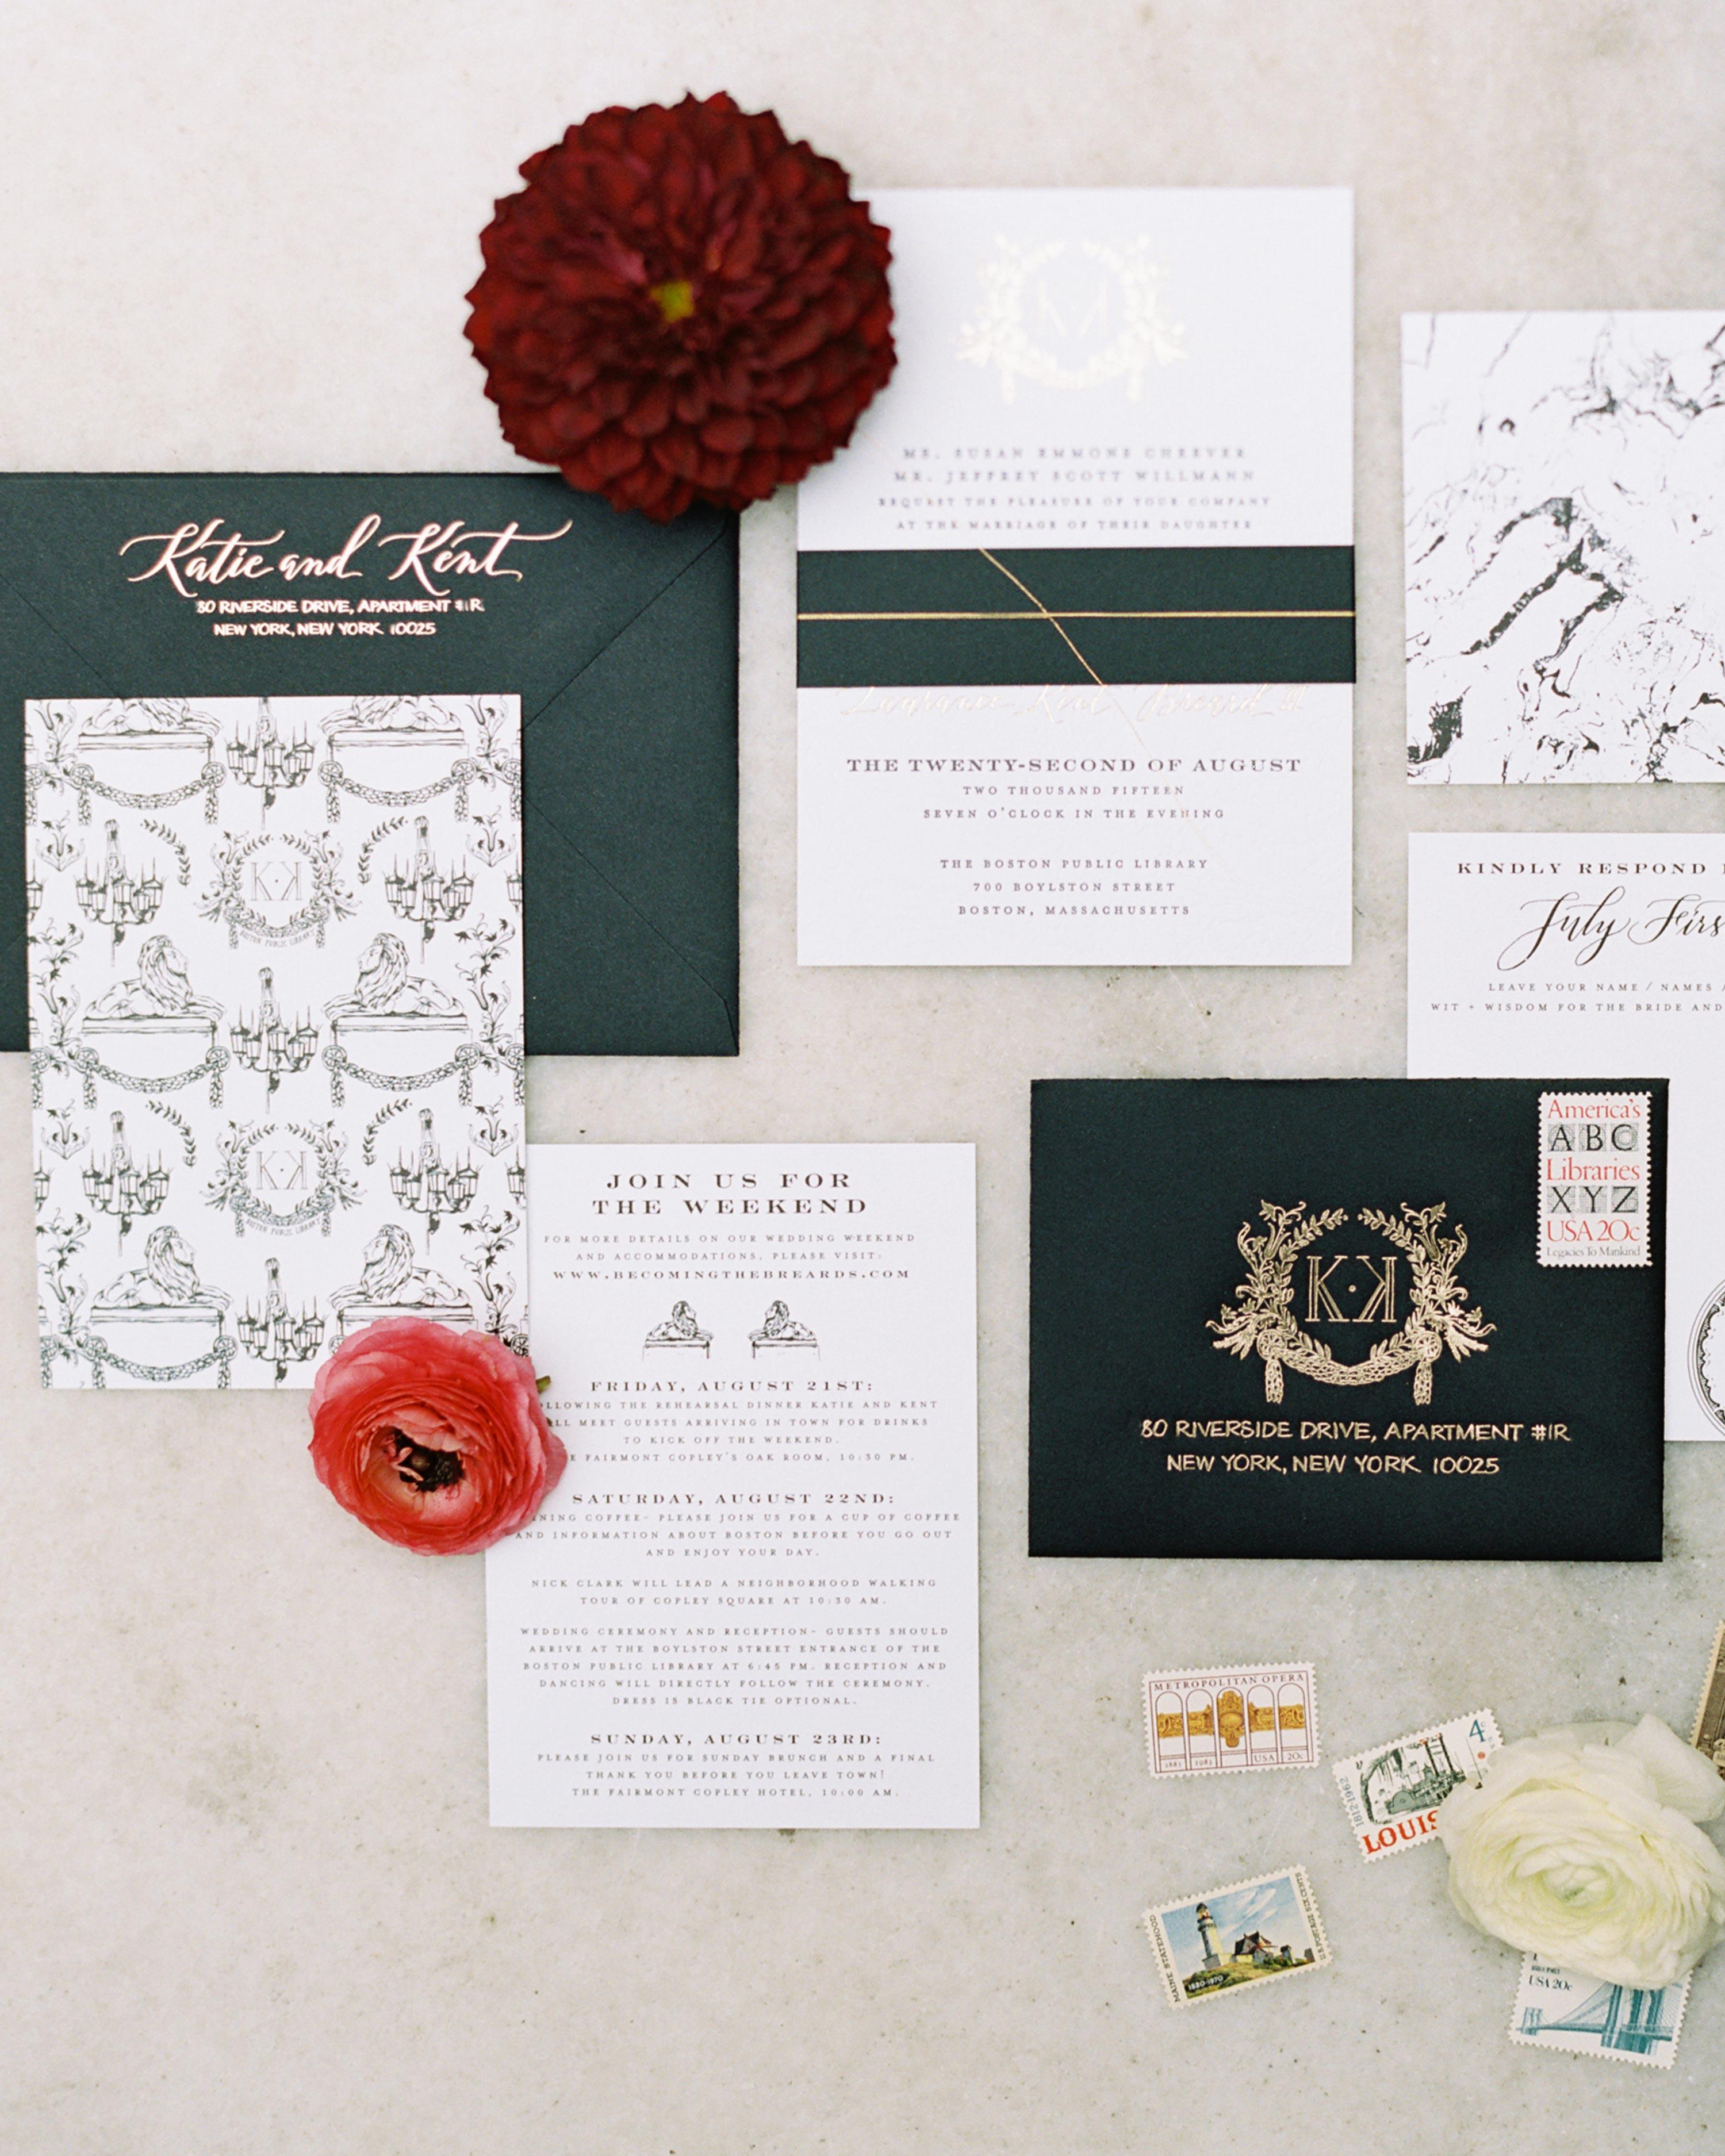 katie-kent-wedding-invite-064-s112765-0316.jpg